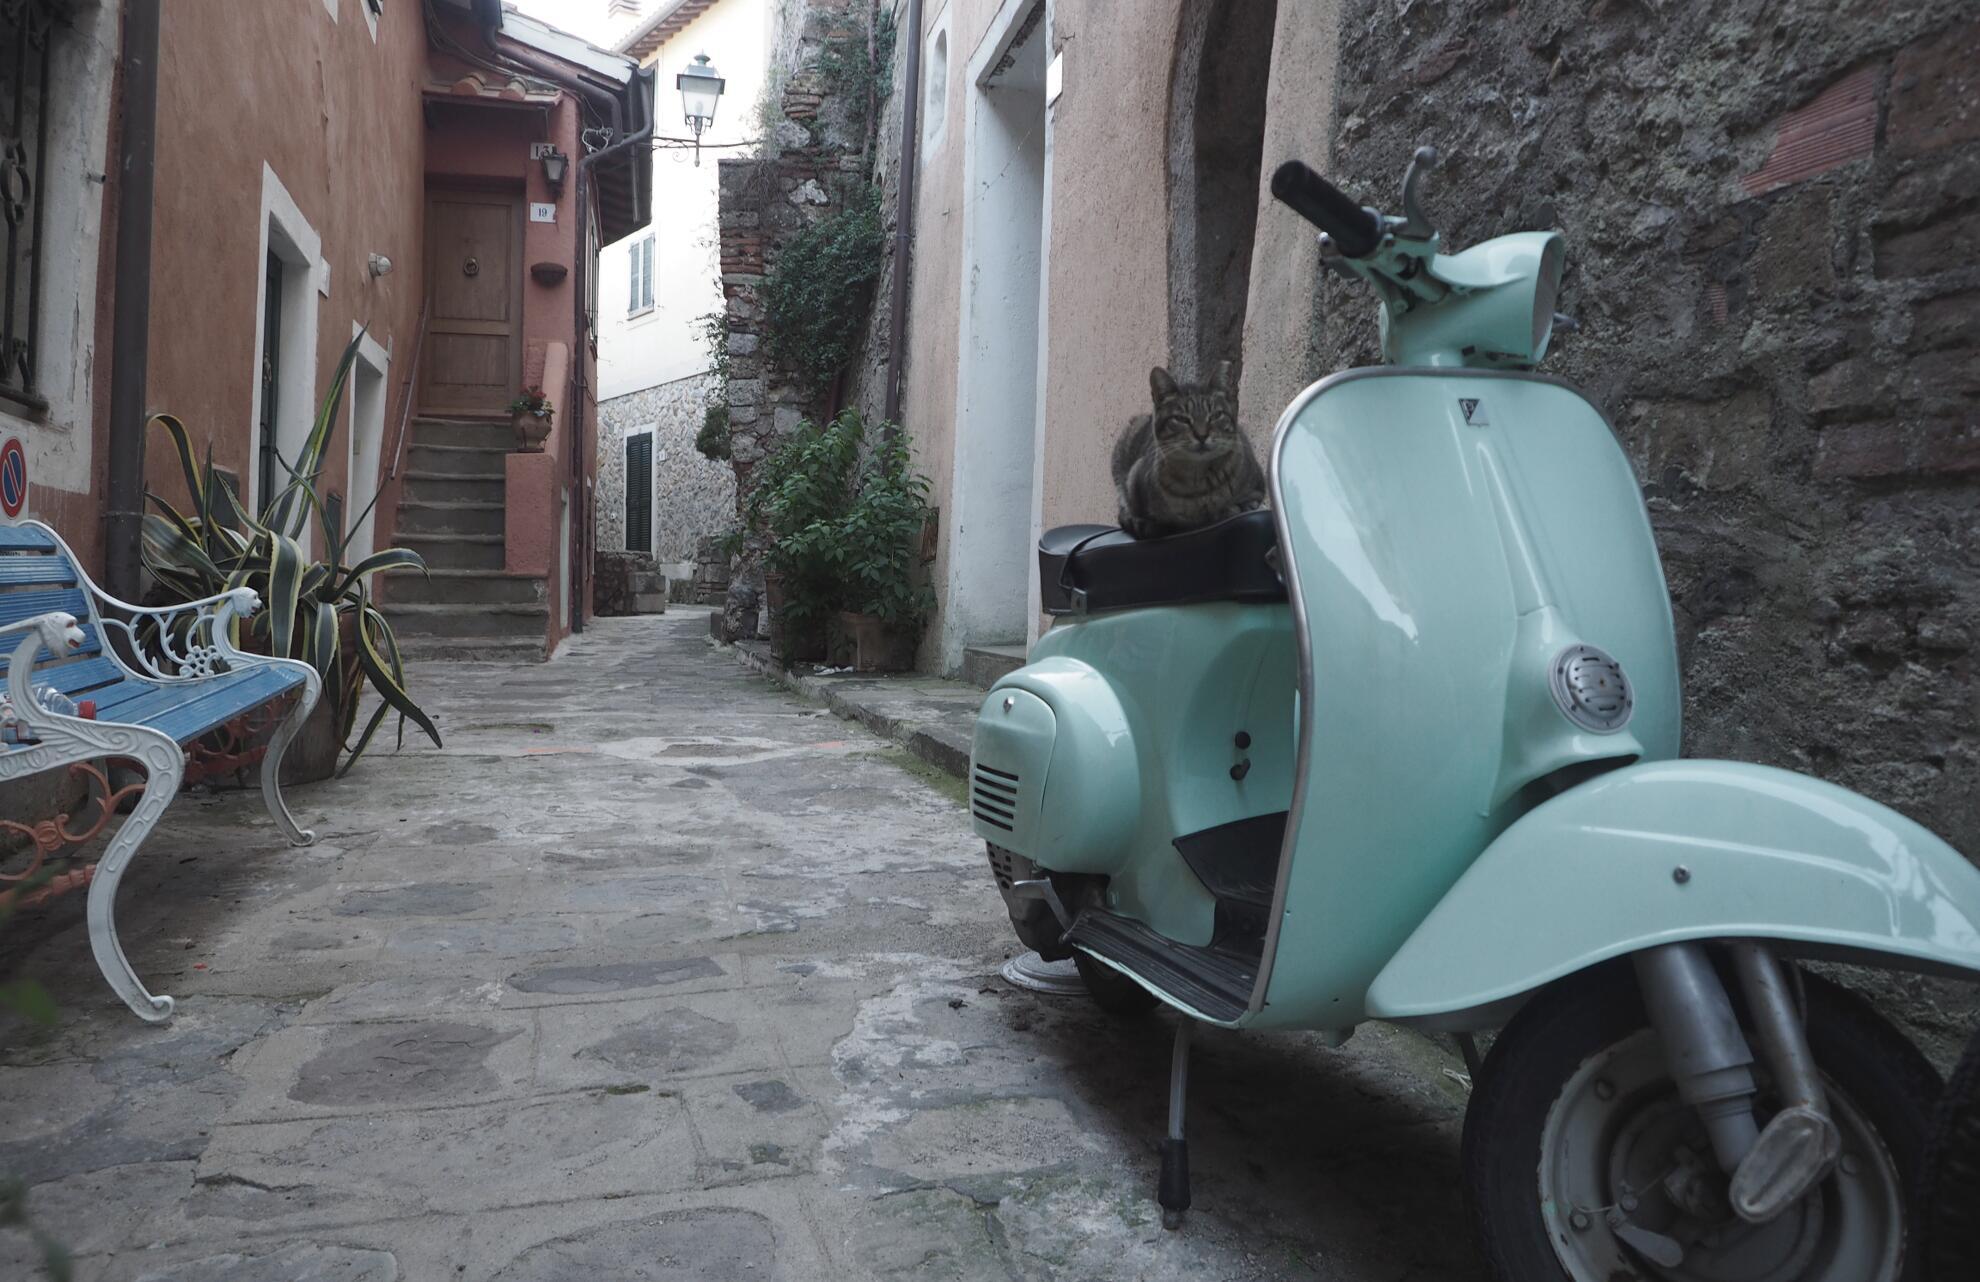 Bild zu Porto Ercole, Italien, Toskana